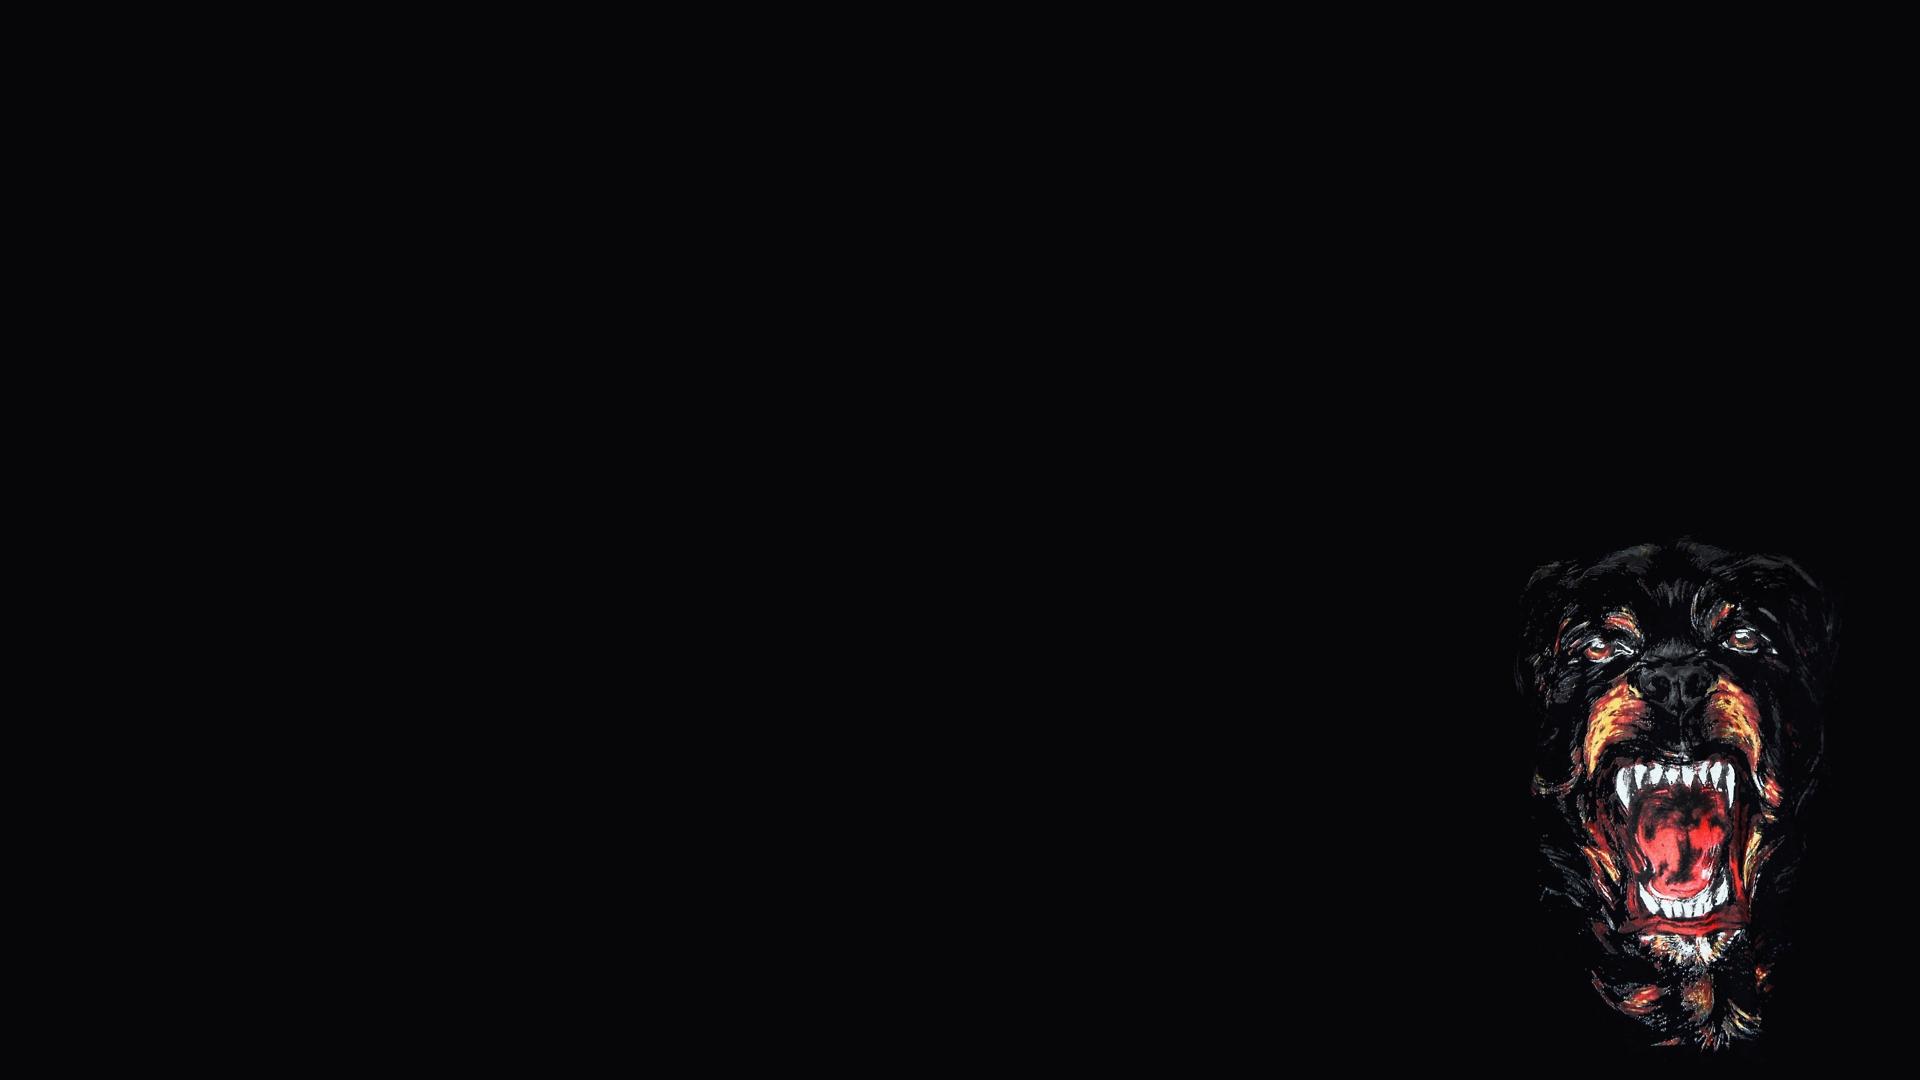 Rottweiler HD Wallpaper